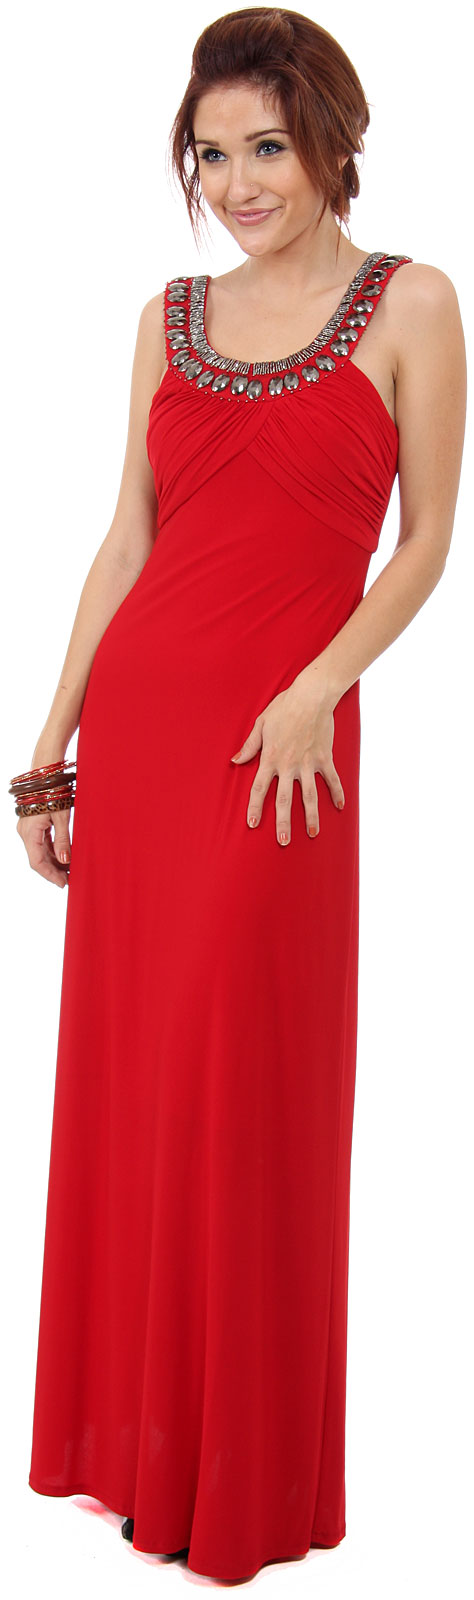 Embellished Neckline Formal Long Dress